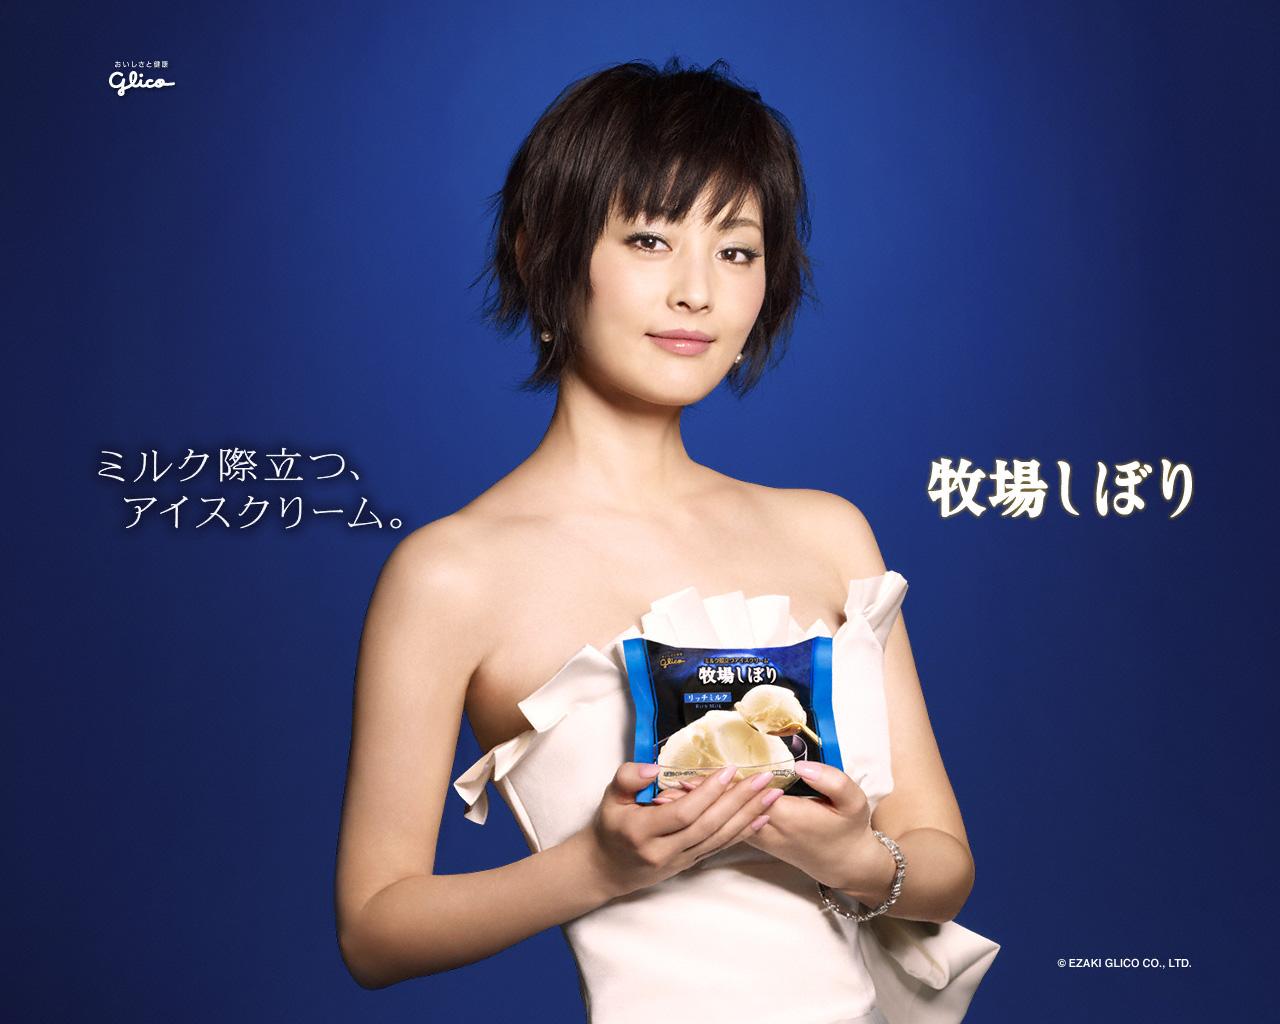 mirumu.com tsu